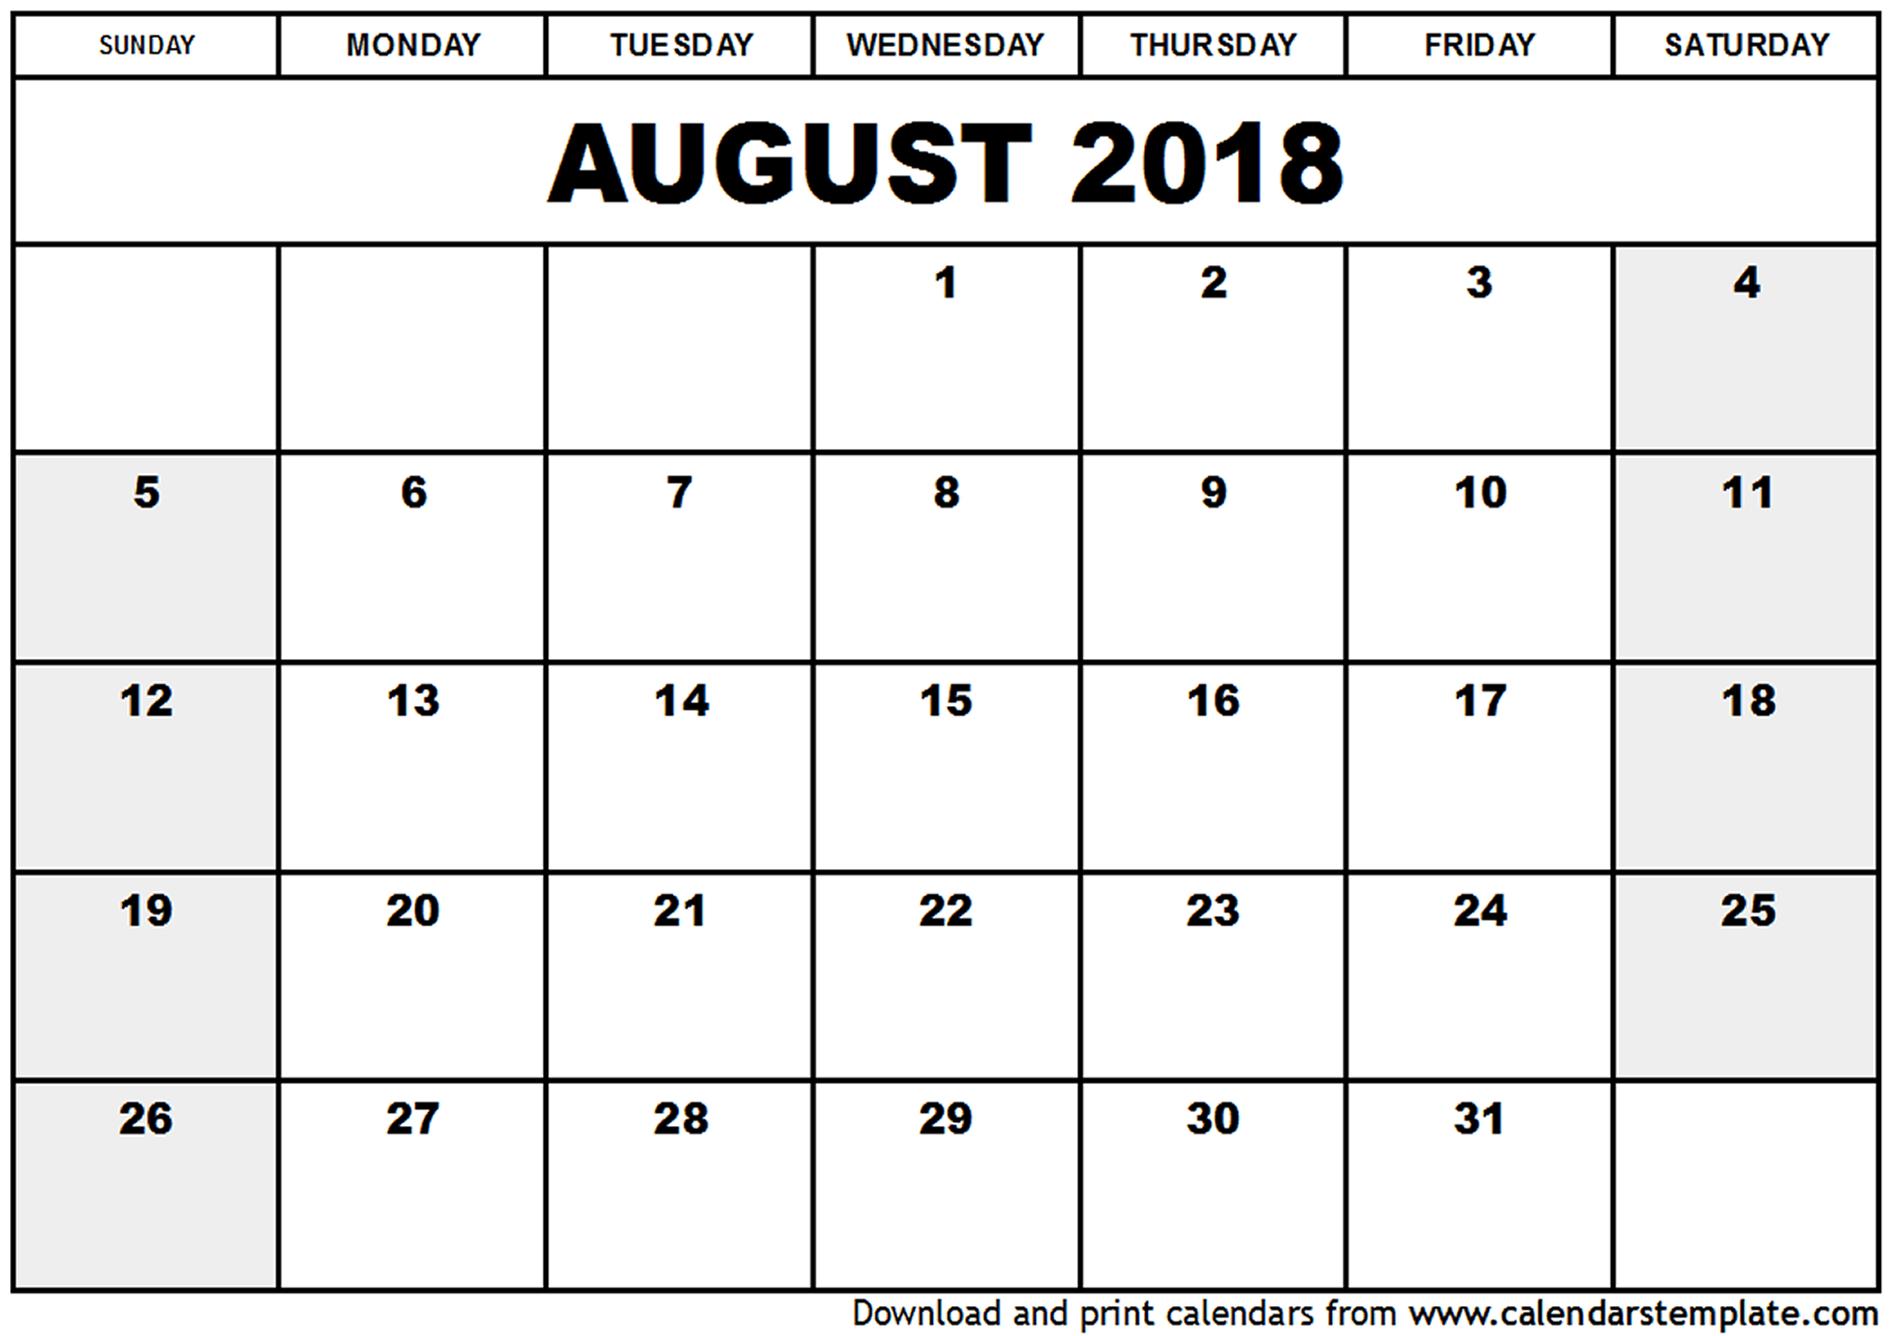 Calendar for August 2018 Printable